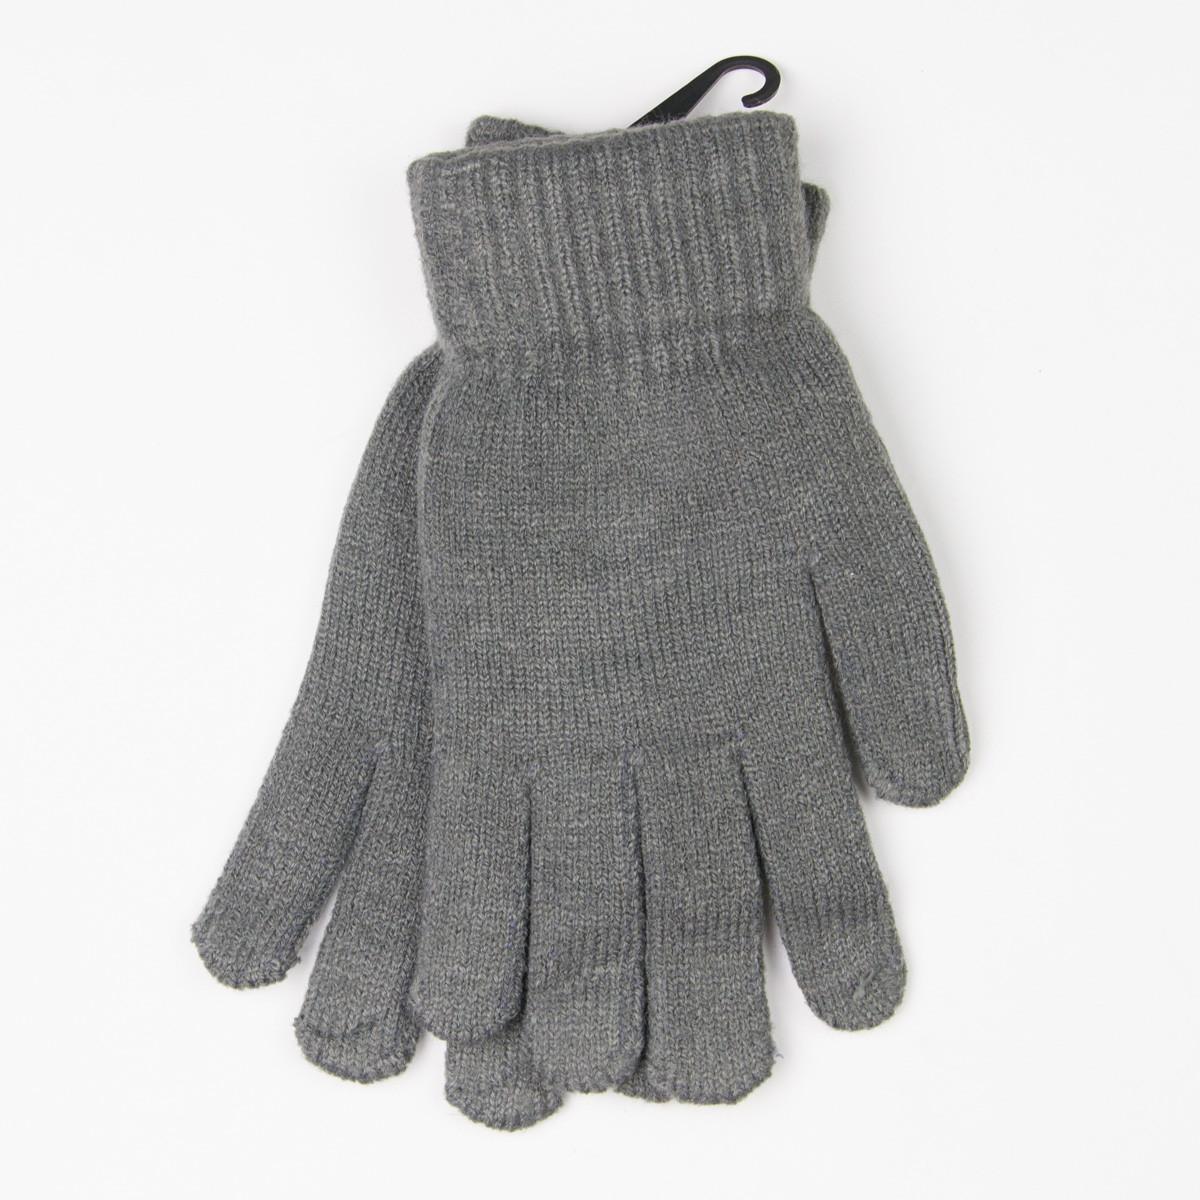 Мужские вязанные перчатки (арт. 19-5-12) серый